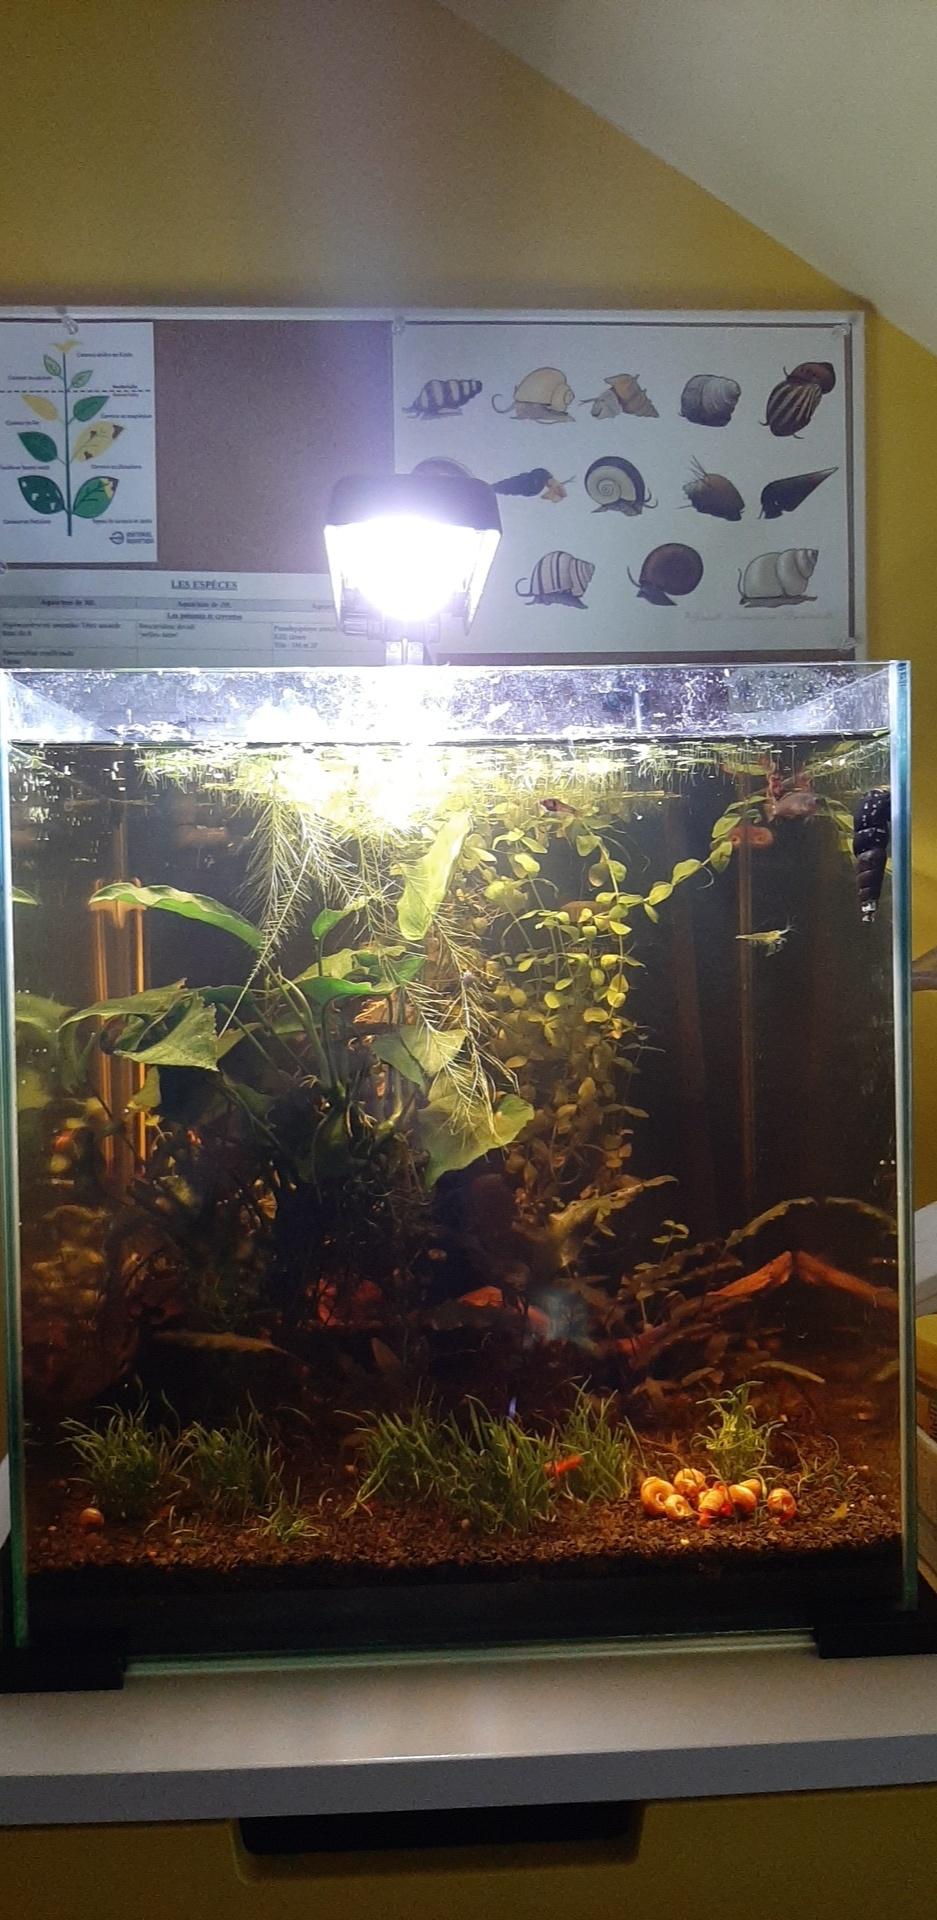 Les aquariums du confinement Snapch46